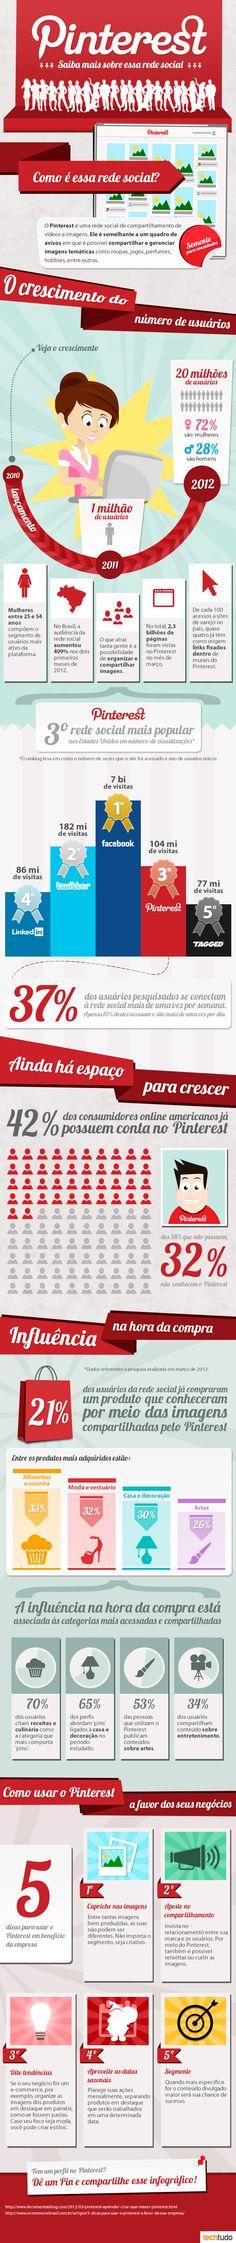 Quer saber mais sobre o Pinterest?